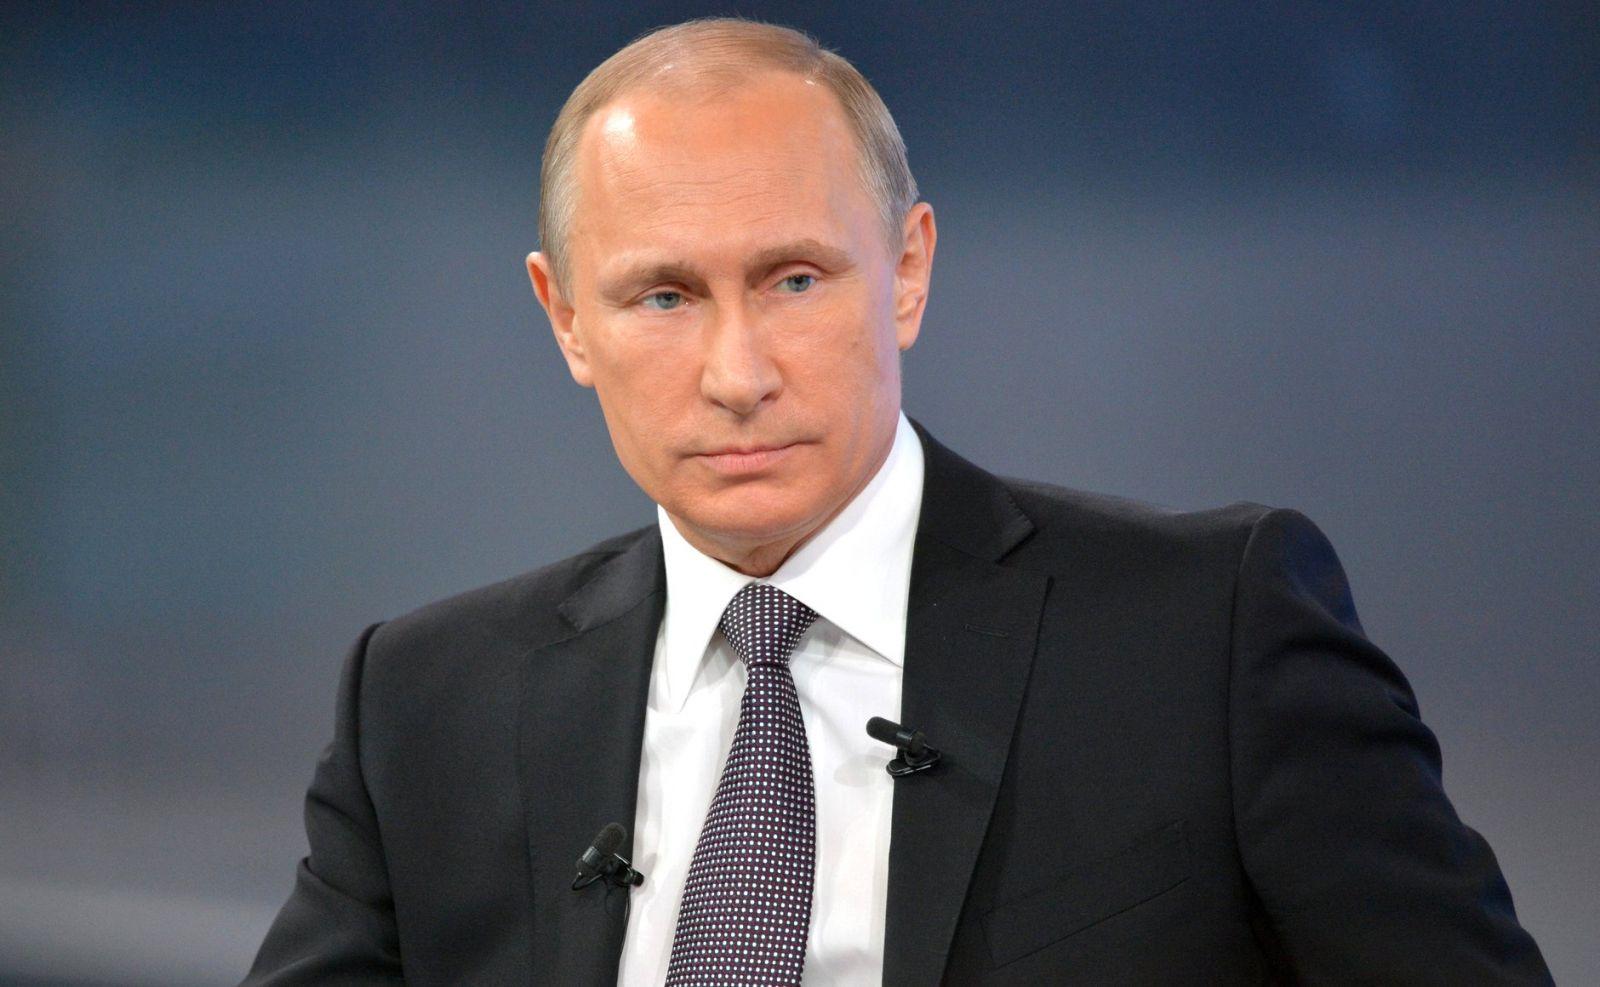 Чтобы Украина стала «добрым соседом» России, Киев должен инициировать прямые переговоры с «Л/ДНР» - Путин